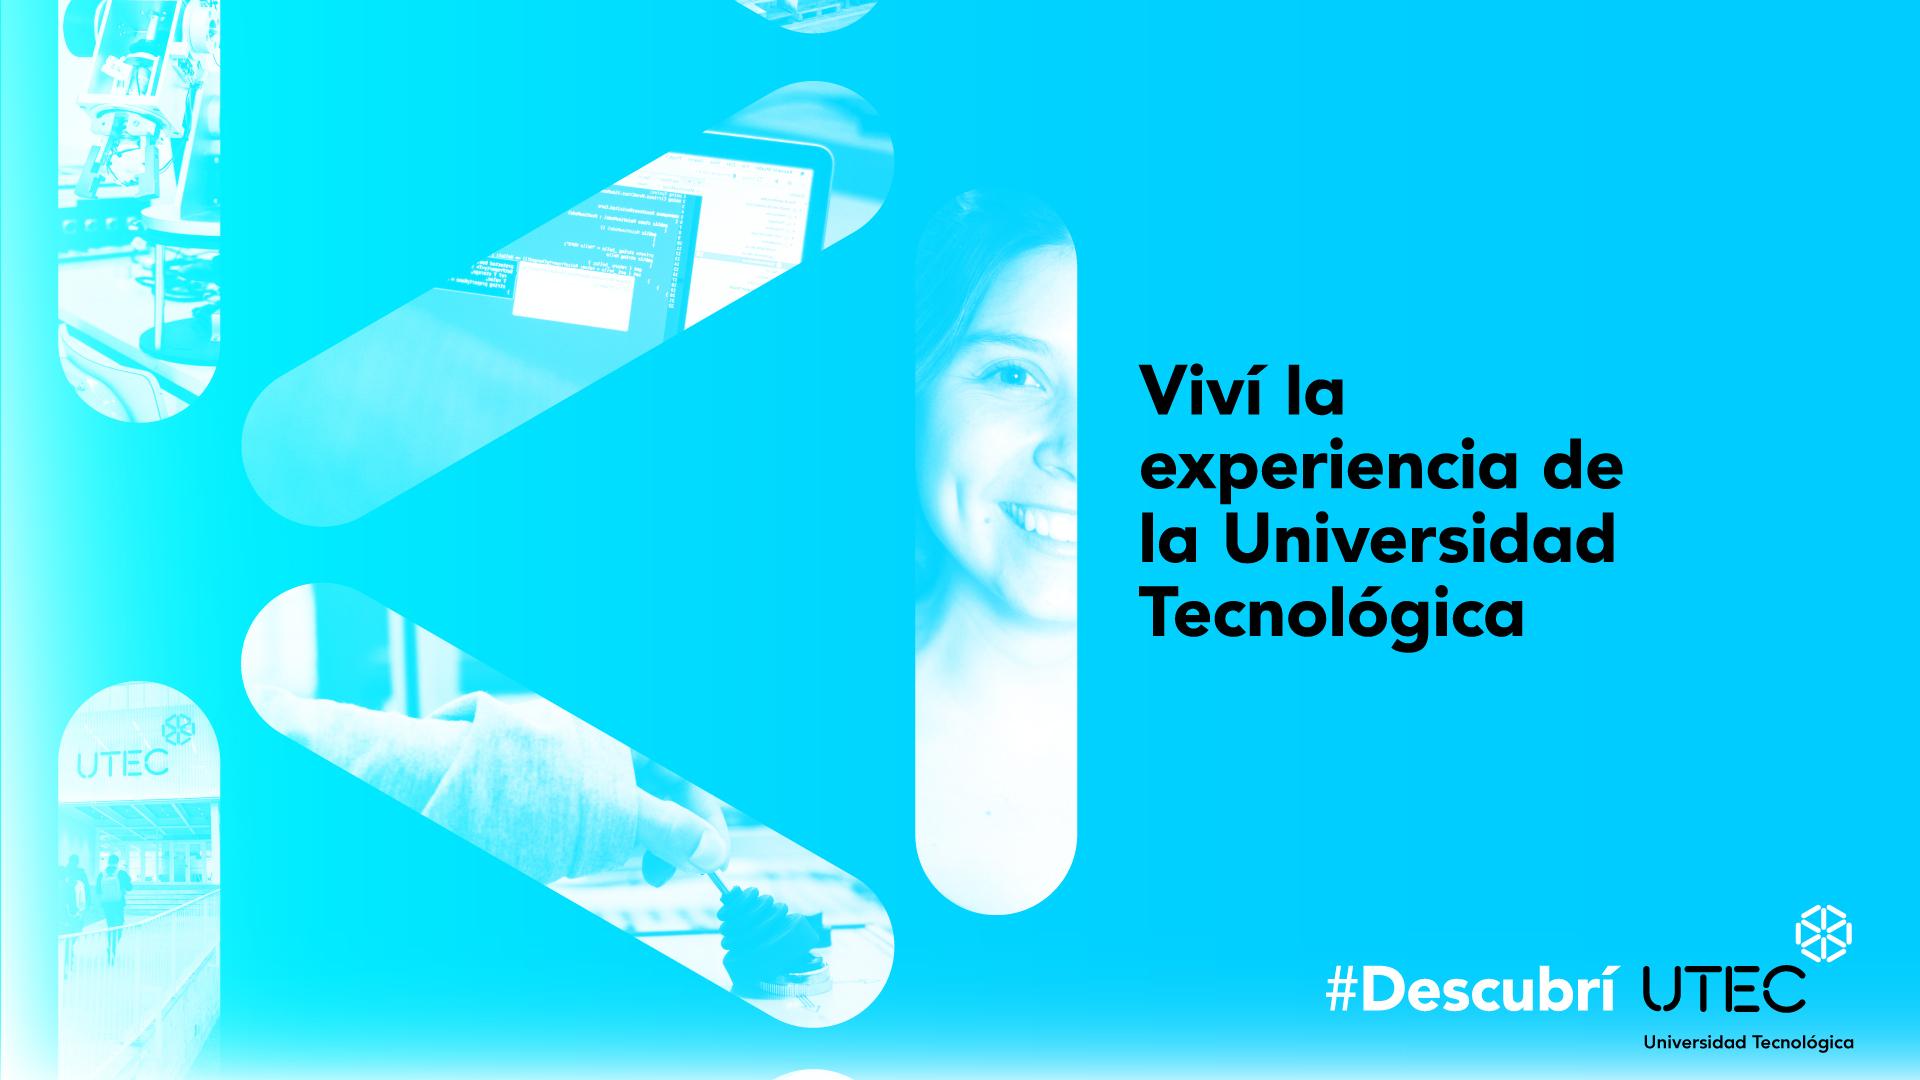 Viví la experiencia de la Universidad Tecnológica y recorré nuestras sedes